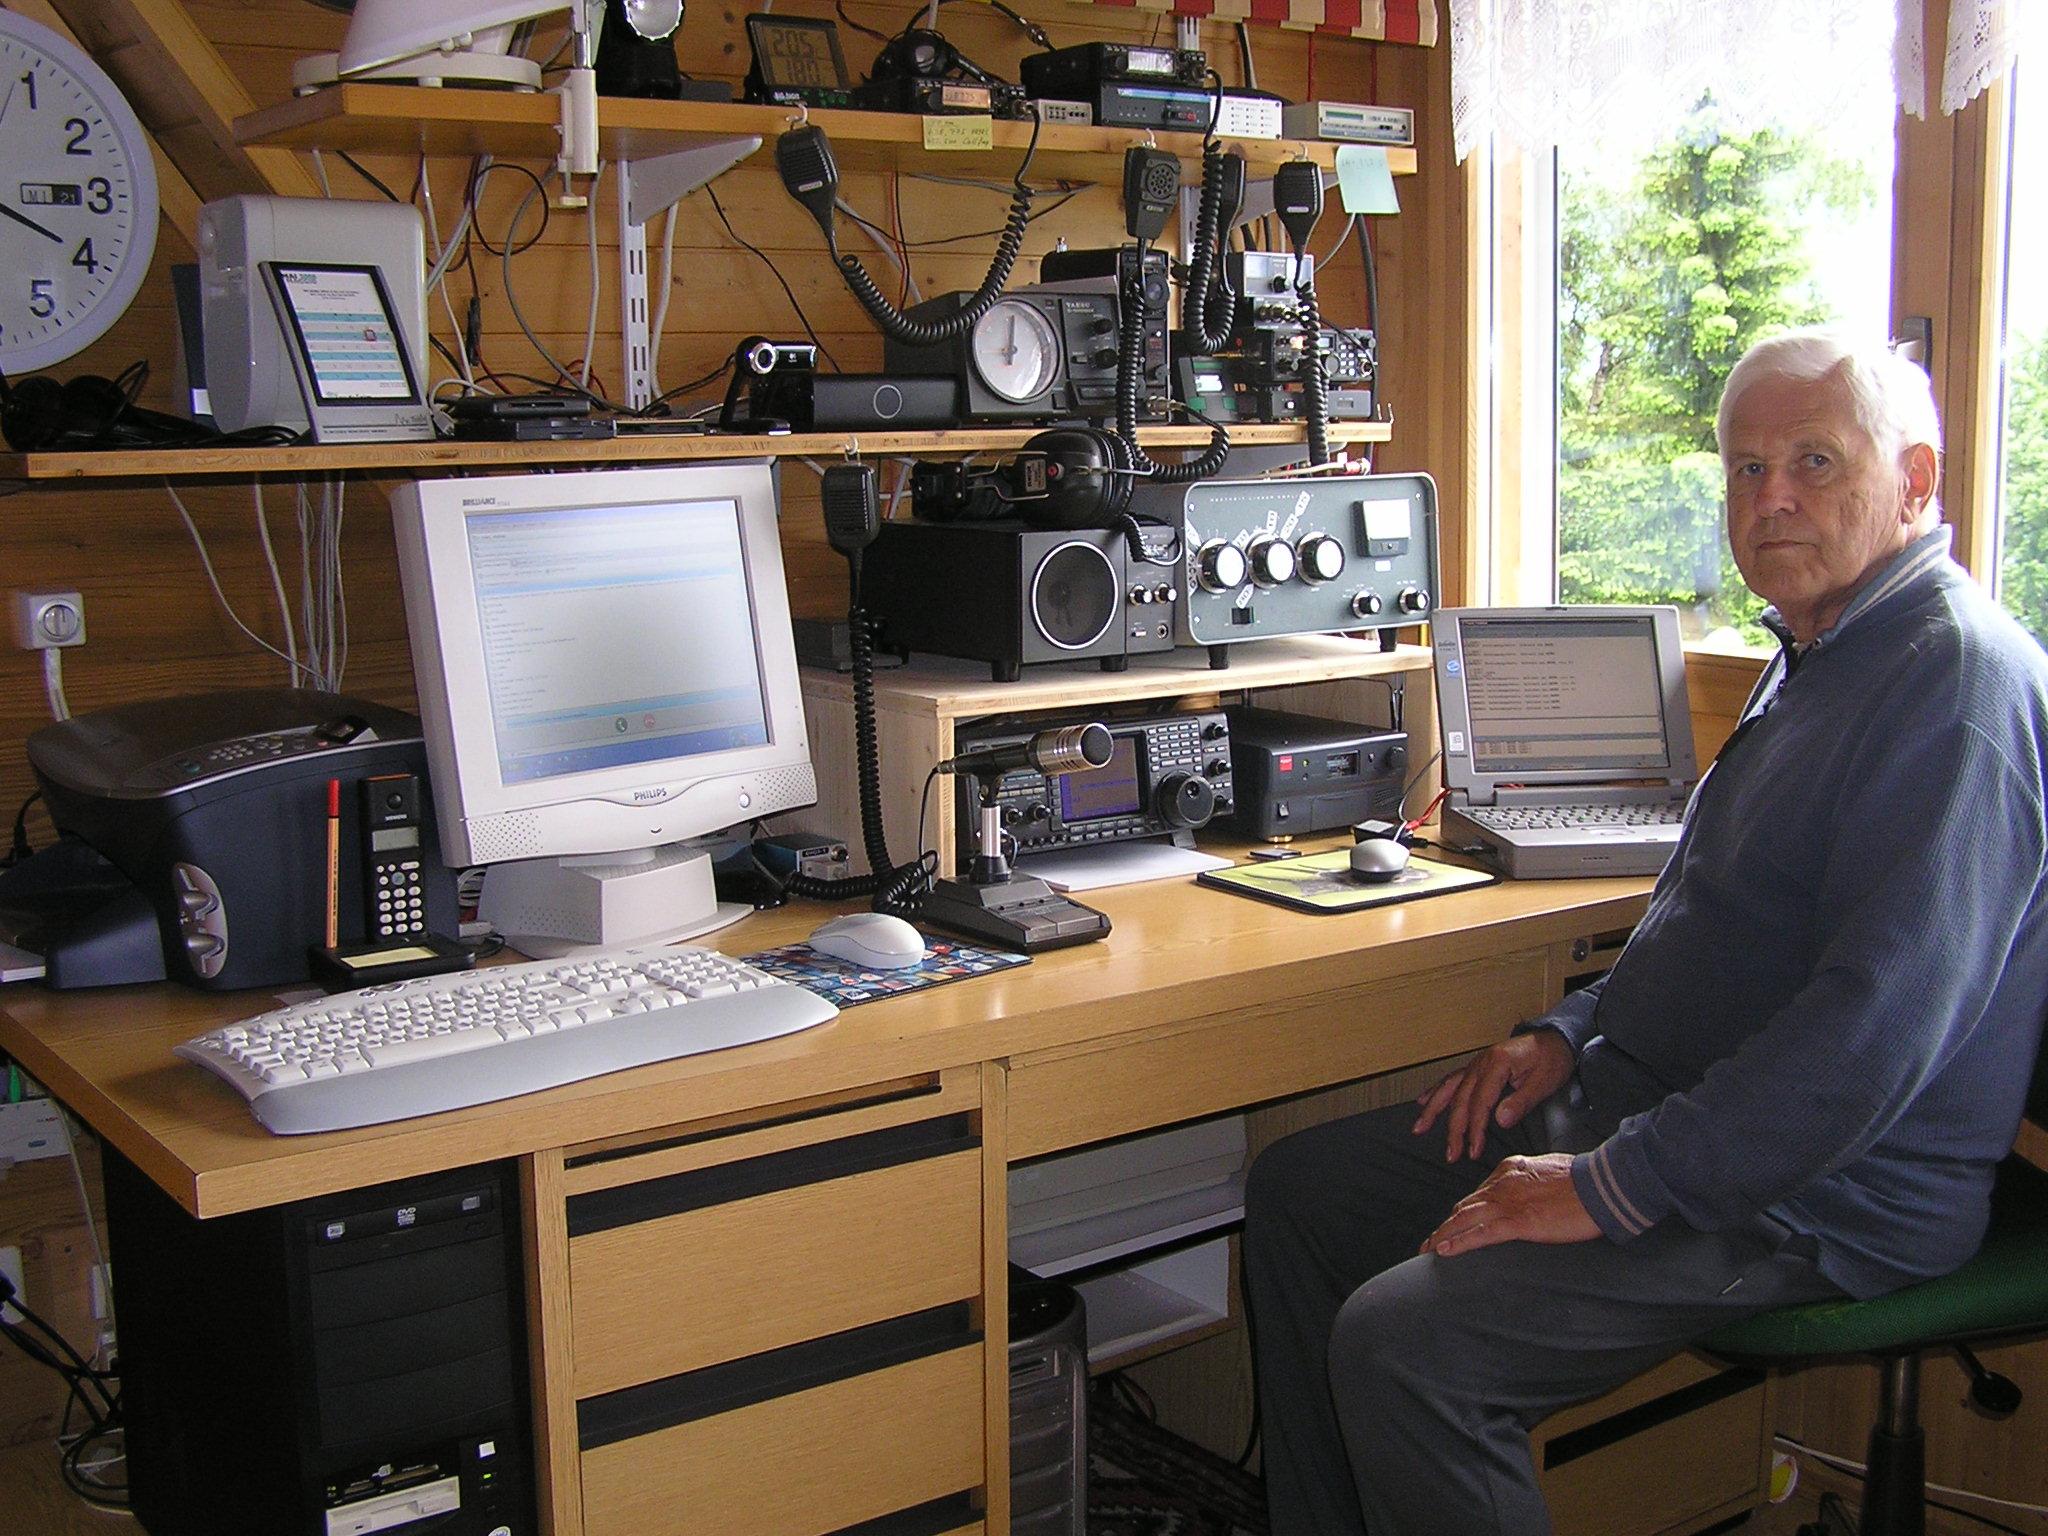 amateur radio station hb9bzx. Black Bedroom Furniture Sets. Home Design Ideas